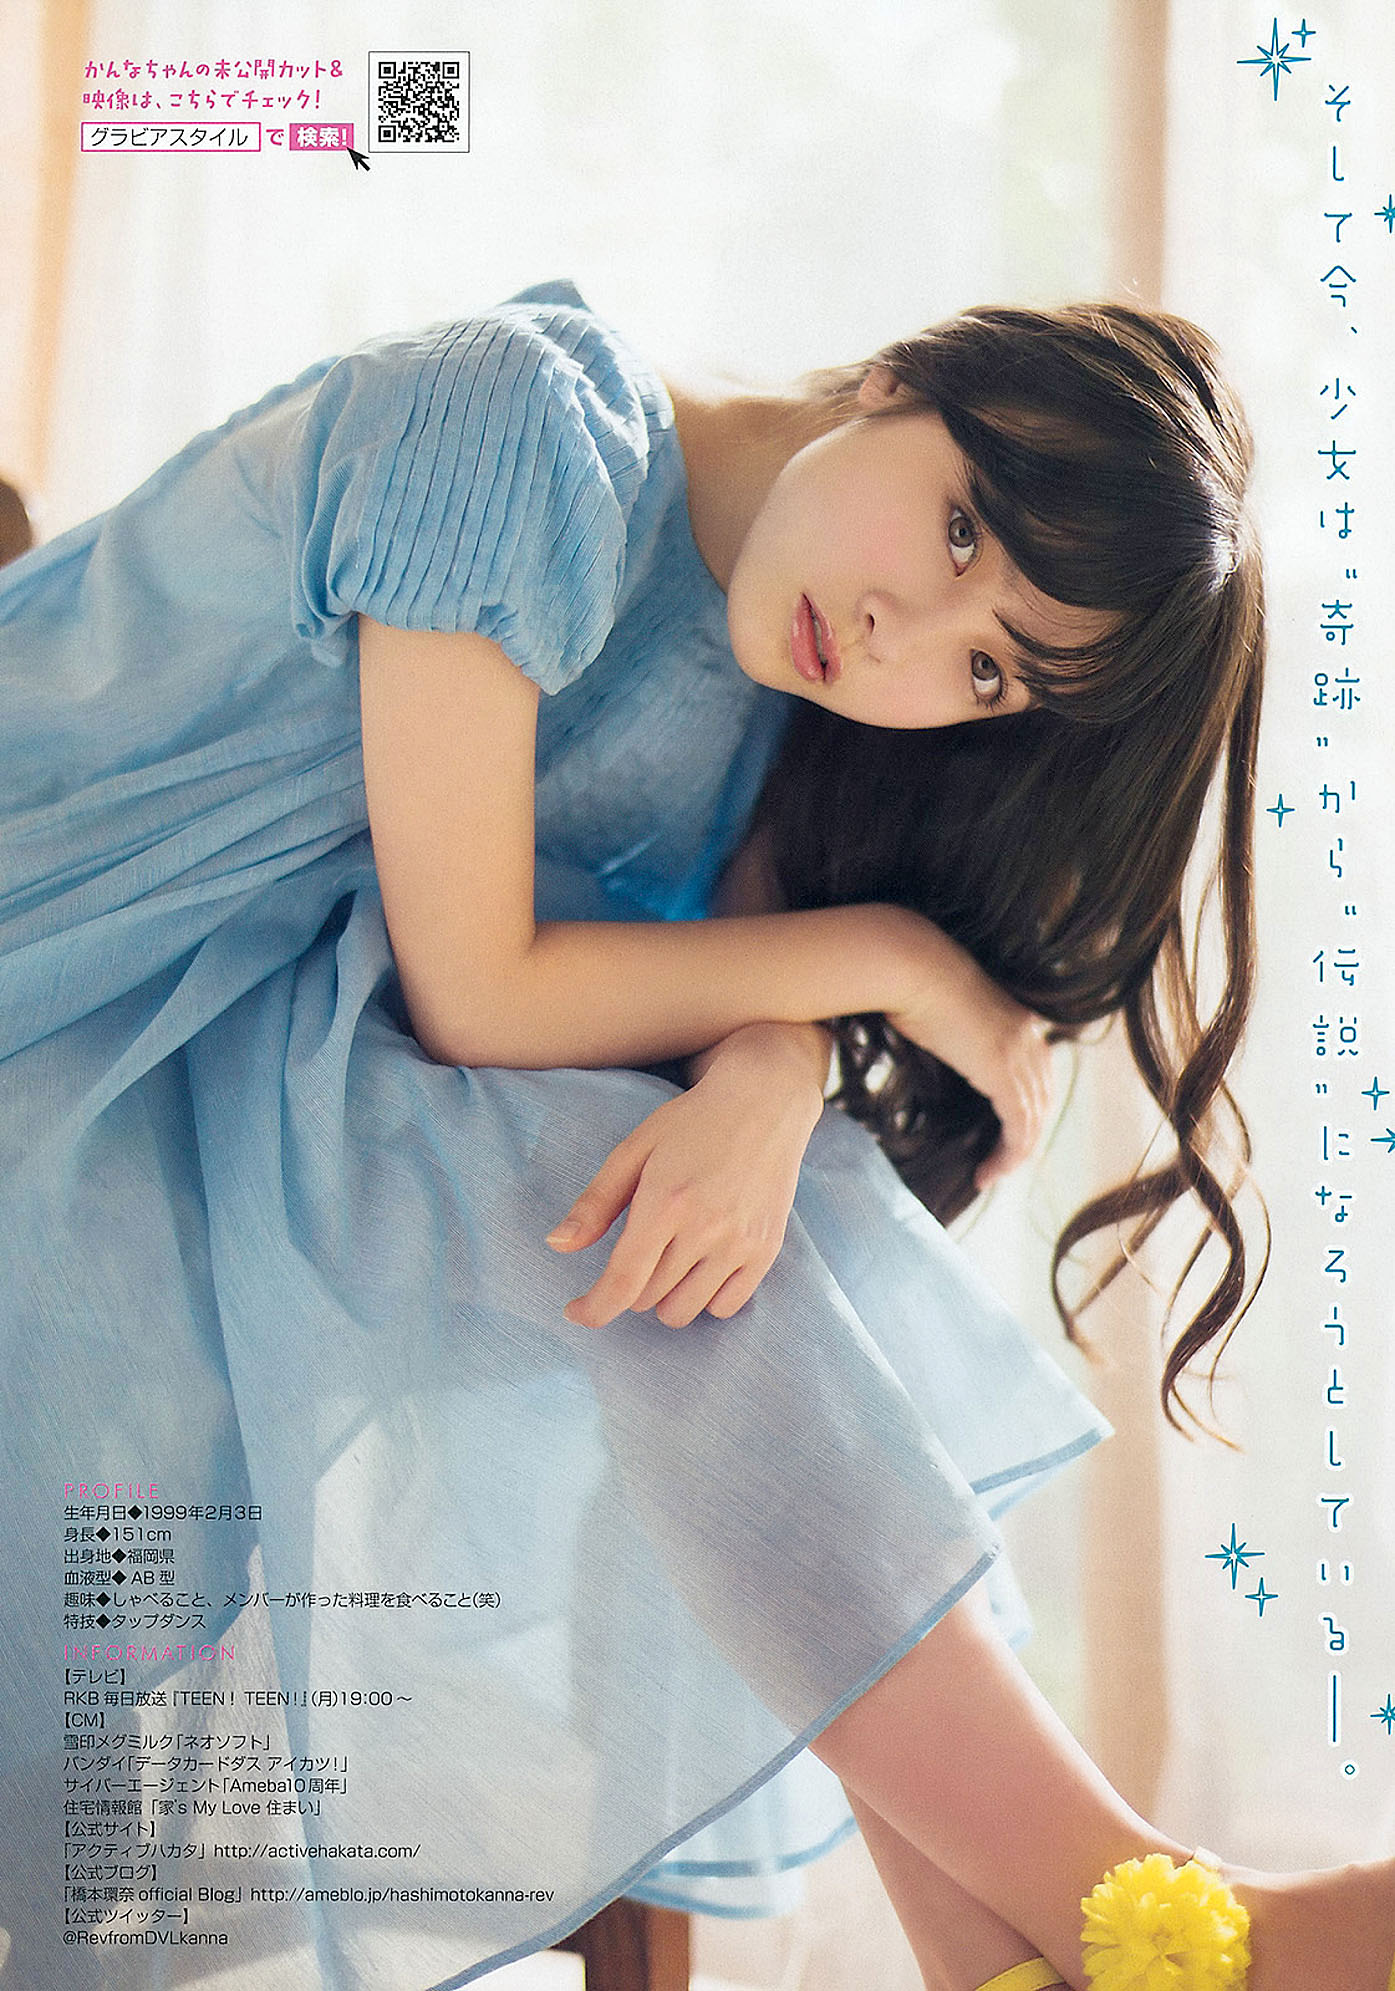 KHashimoto Young Magazine 150101 07.jpg